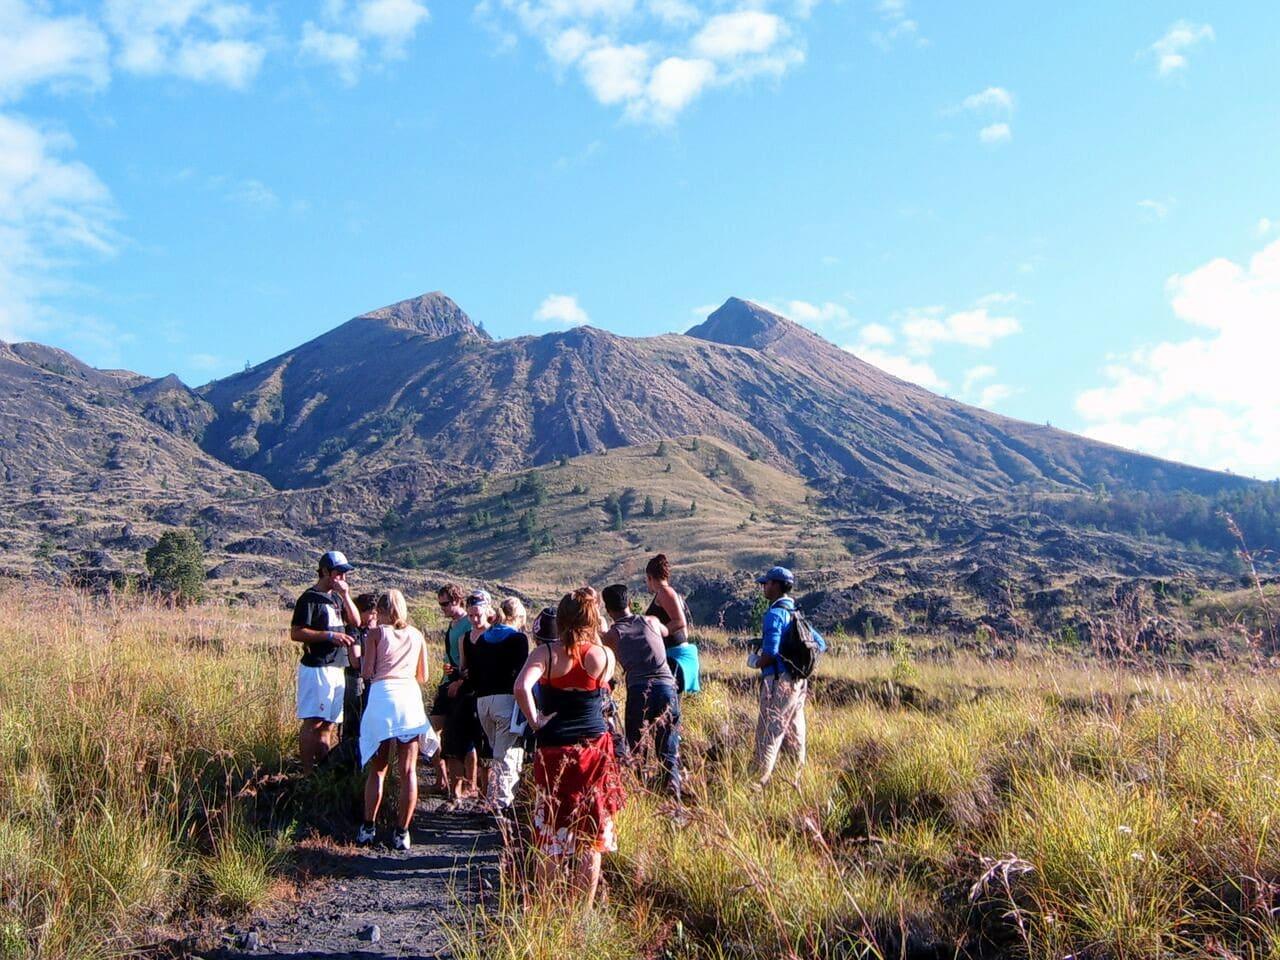 Trek to Mount Batur